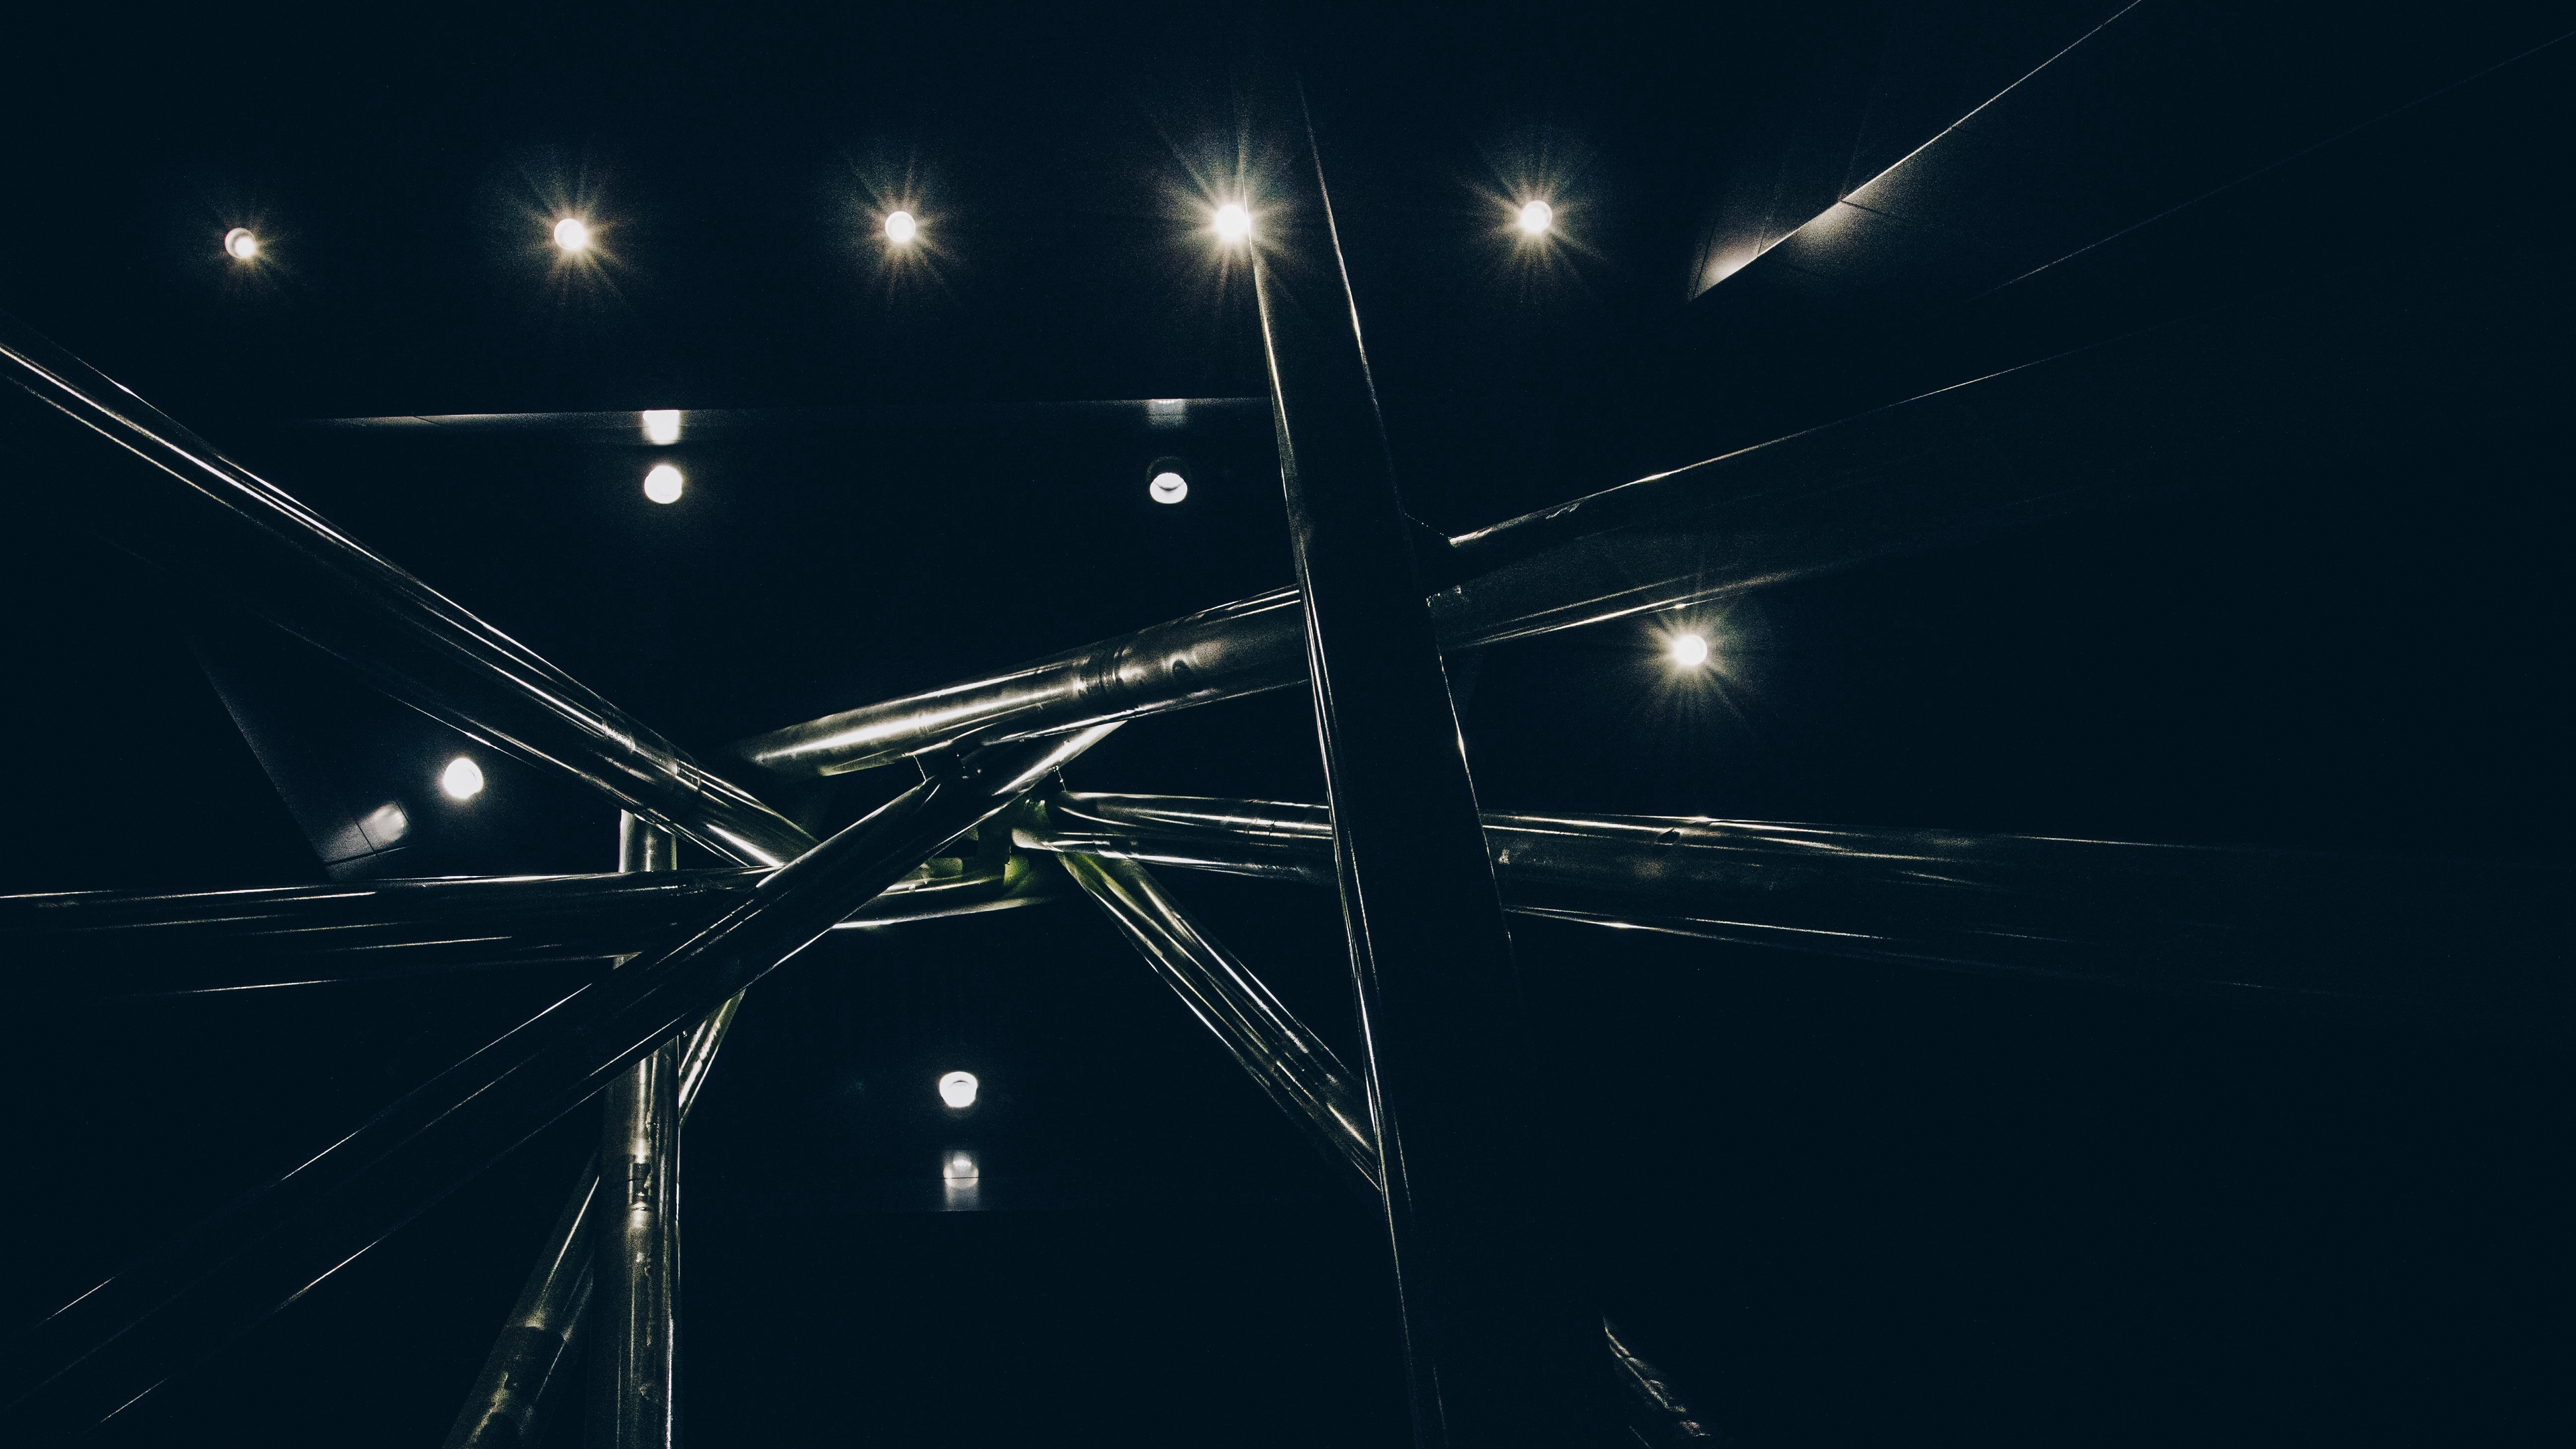 construction light interlacing 4k 1540575808 - construction, light, interlacing 4k - Light, interlacing, construction